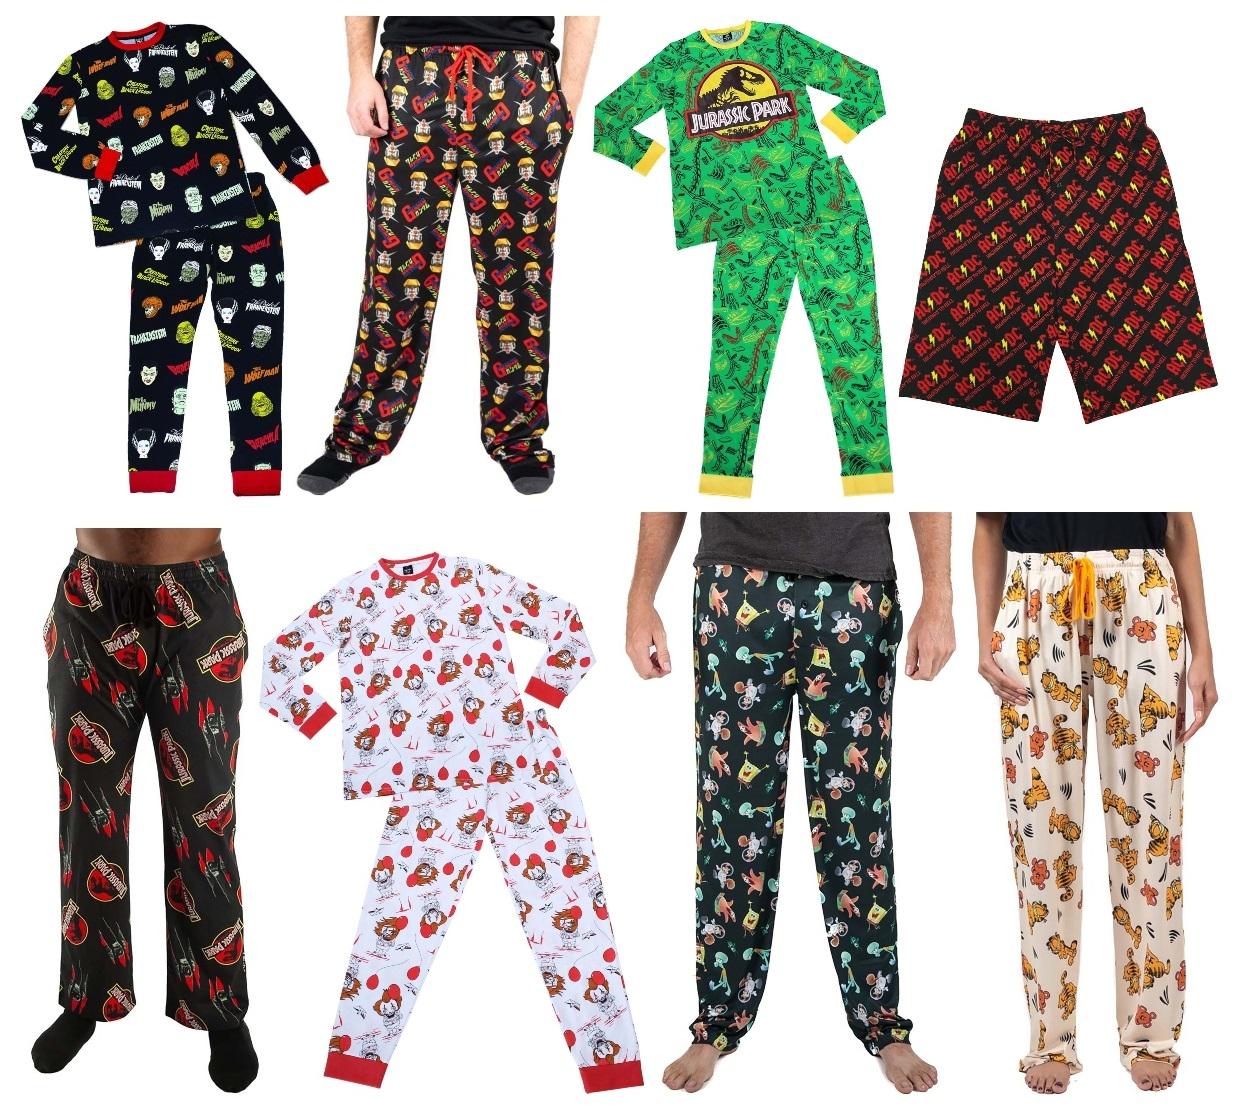 Nerdy Men's Sleepwear